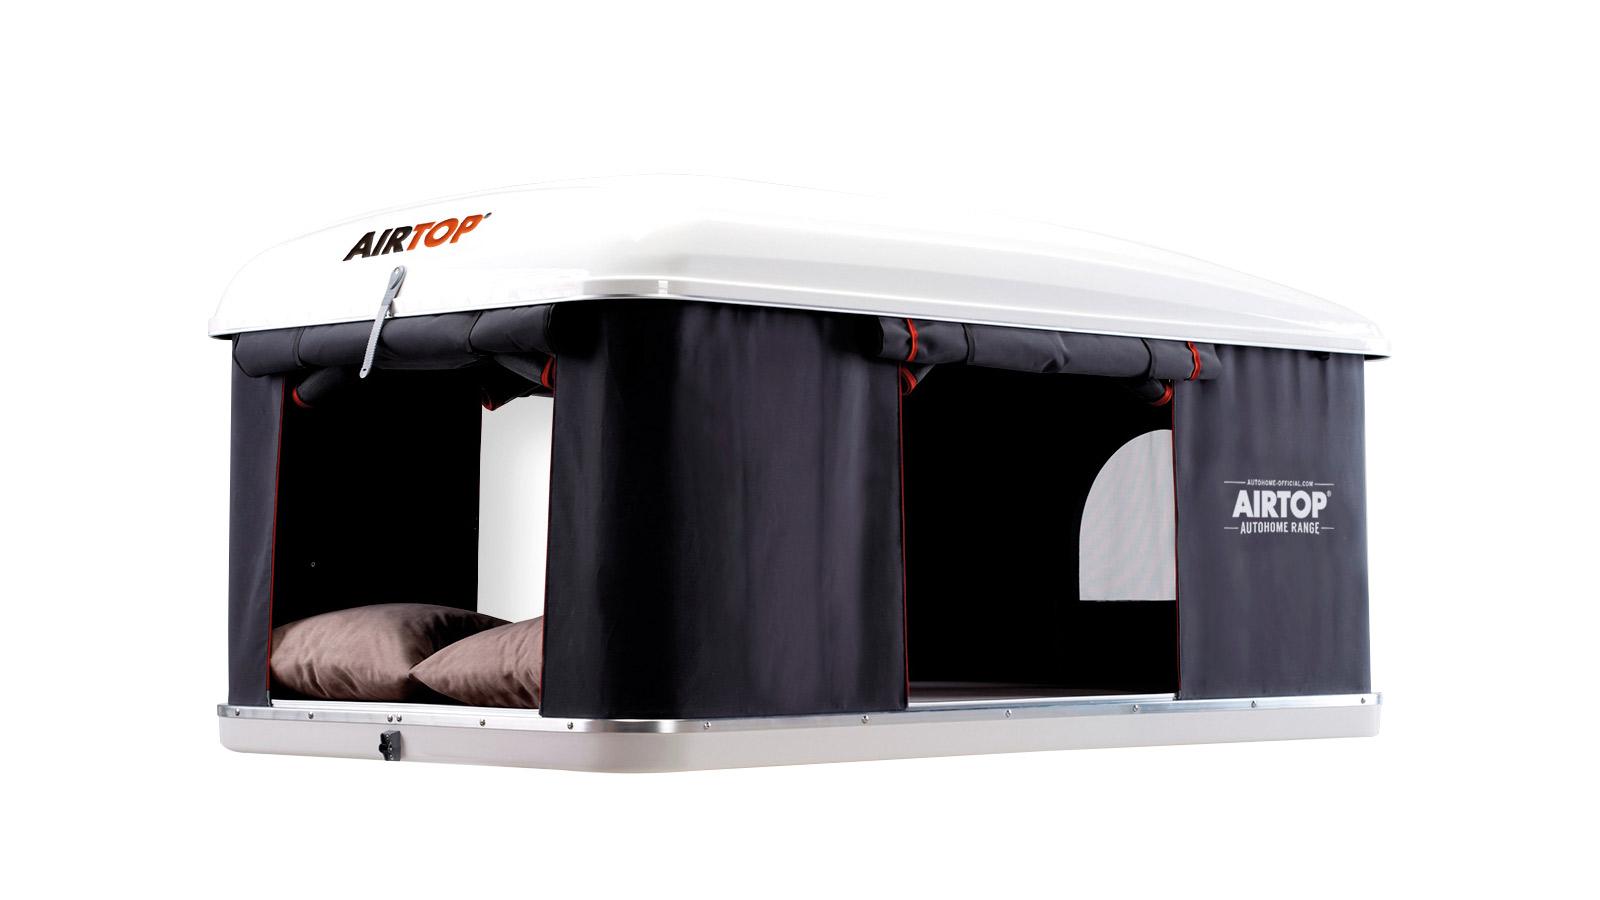 AIRTOP Hartschalen Dachzelt Toyota Camper beim Autohaus Metzger bestellen